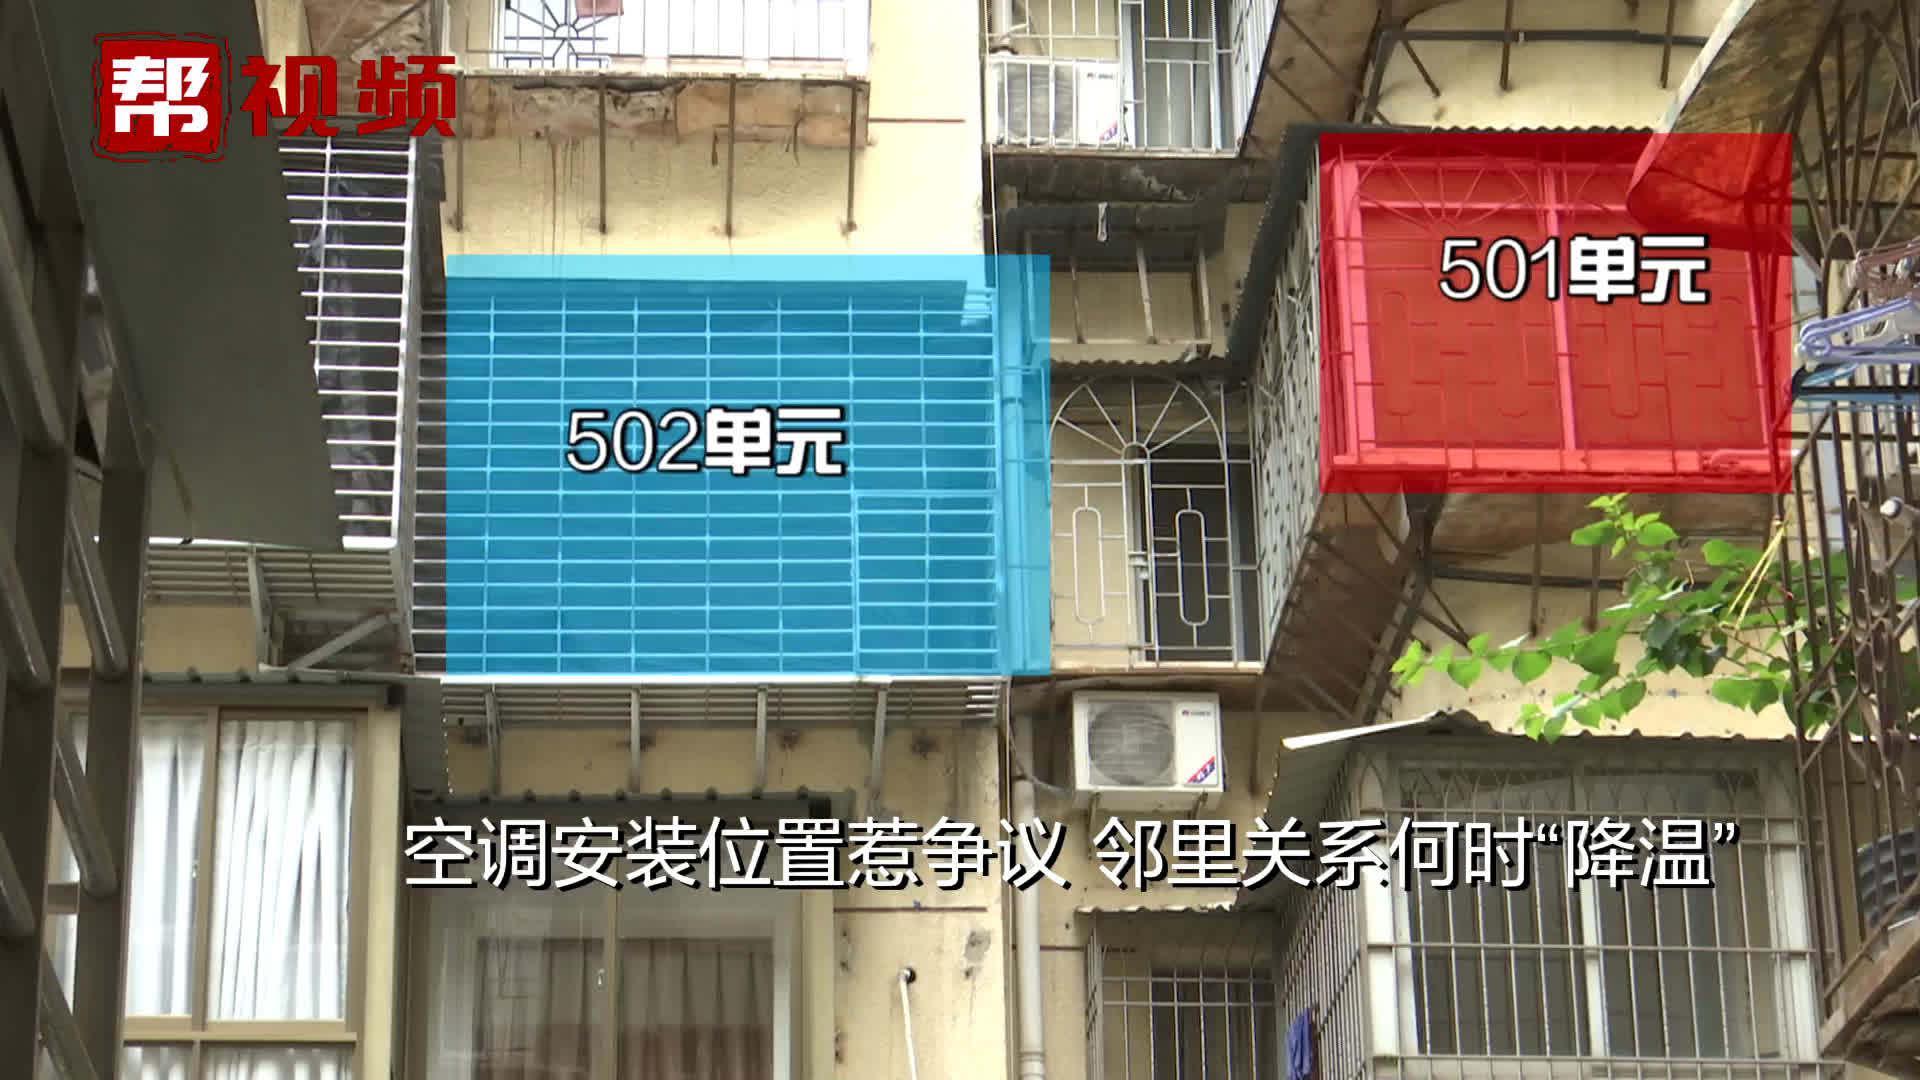 苦恼!新邻居想把三台空调外机挂在自家窗边,还称原房东也如此?